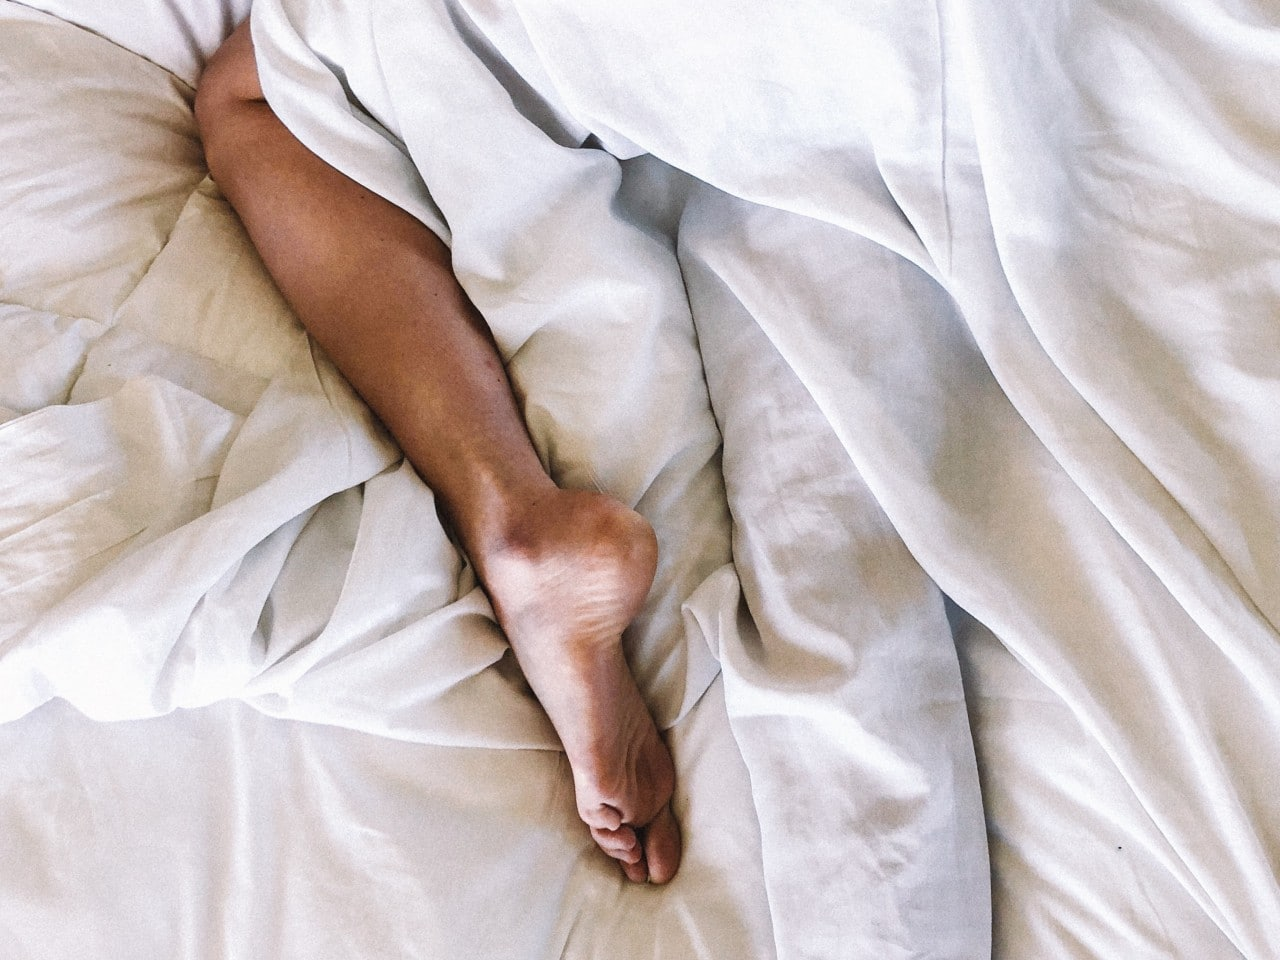 Relatos de sexo en la cama